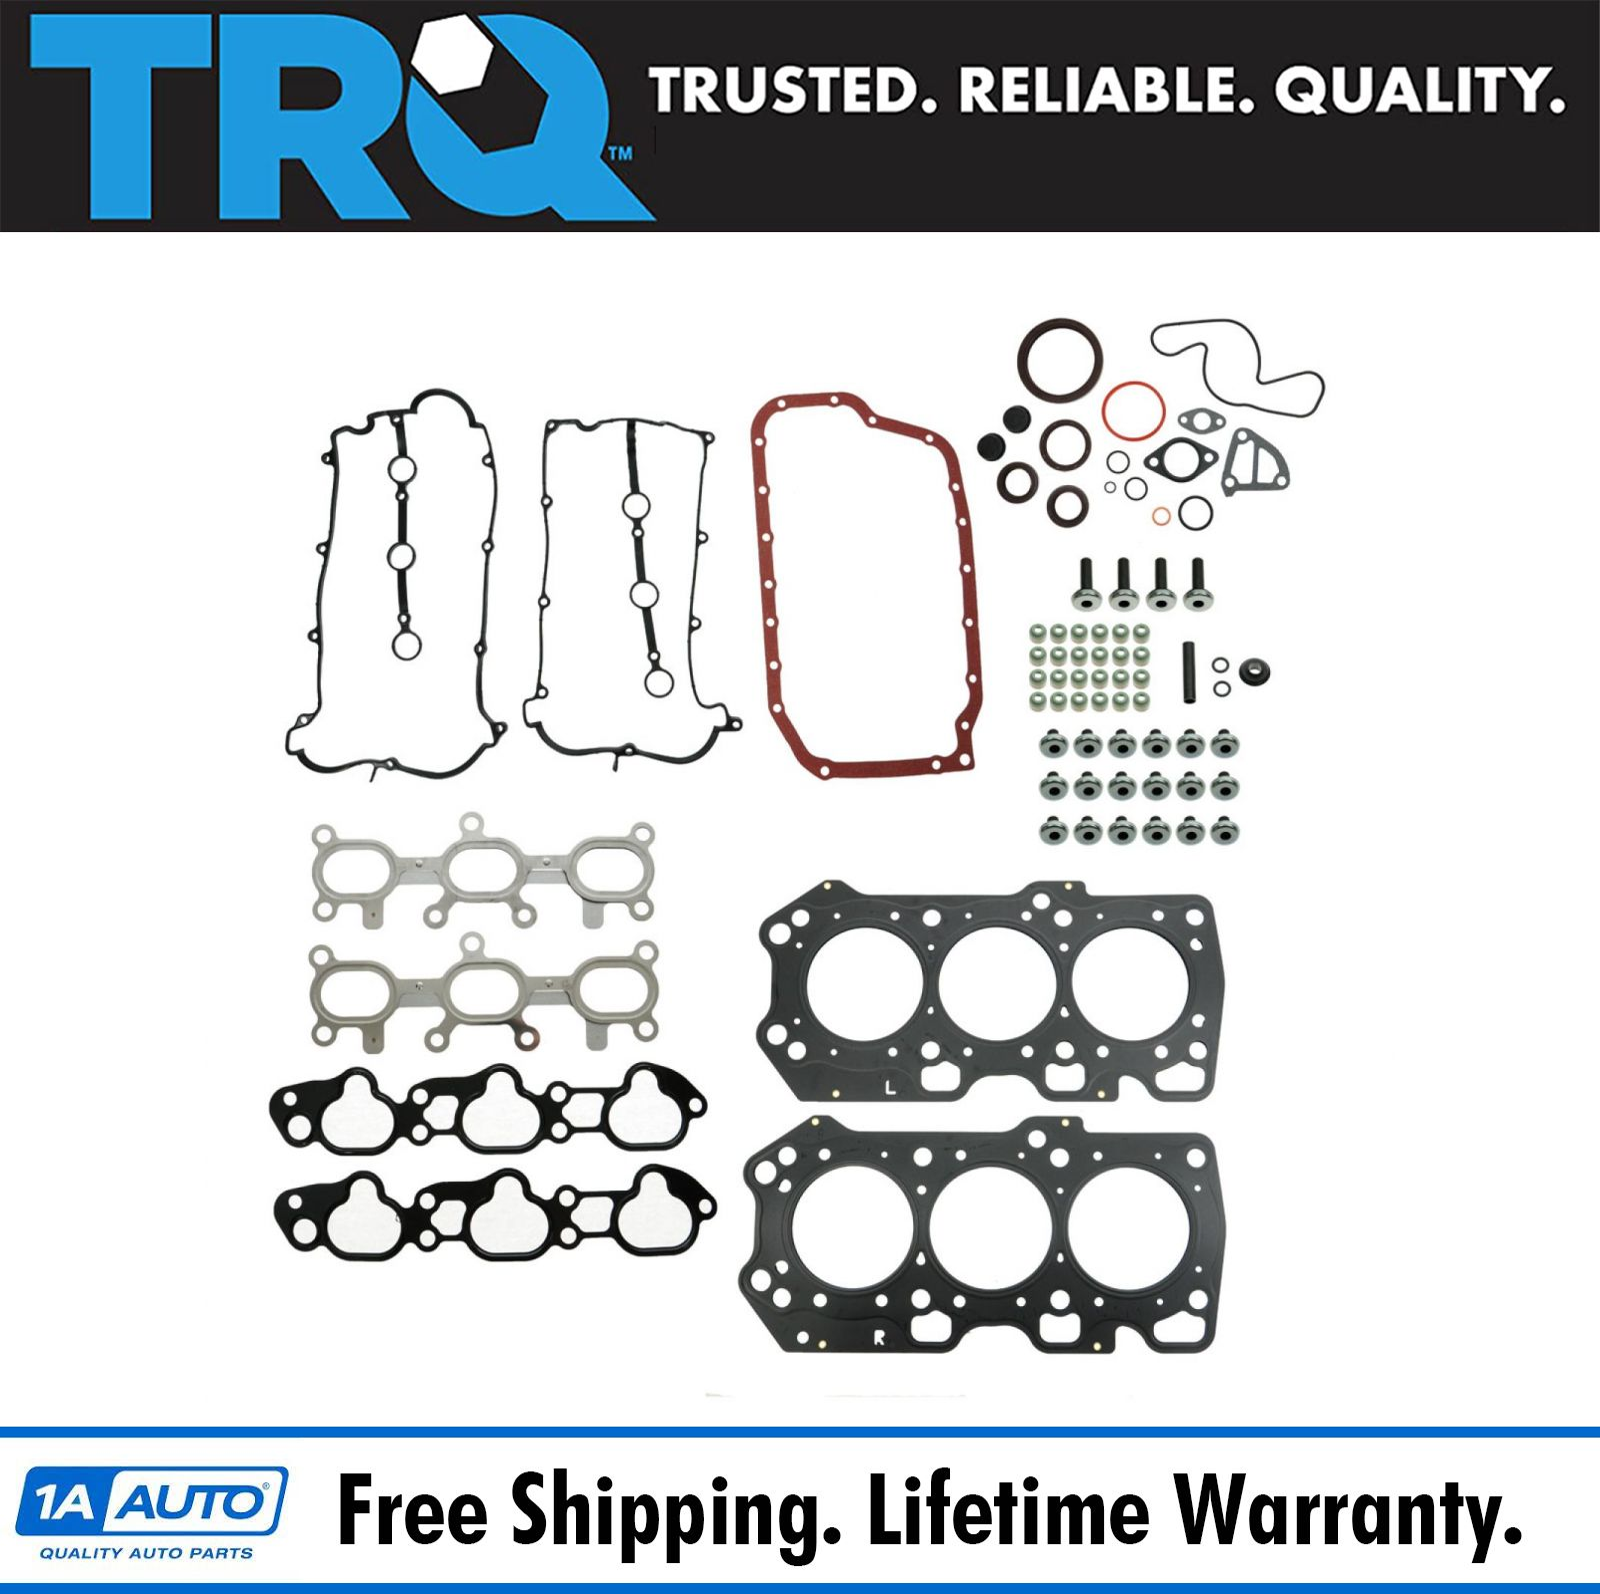 TOPLINE CGSVW17L Engine Kit Full Gasket Set for Volkswagen VW 2.0 2010-15